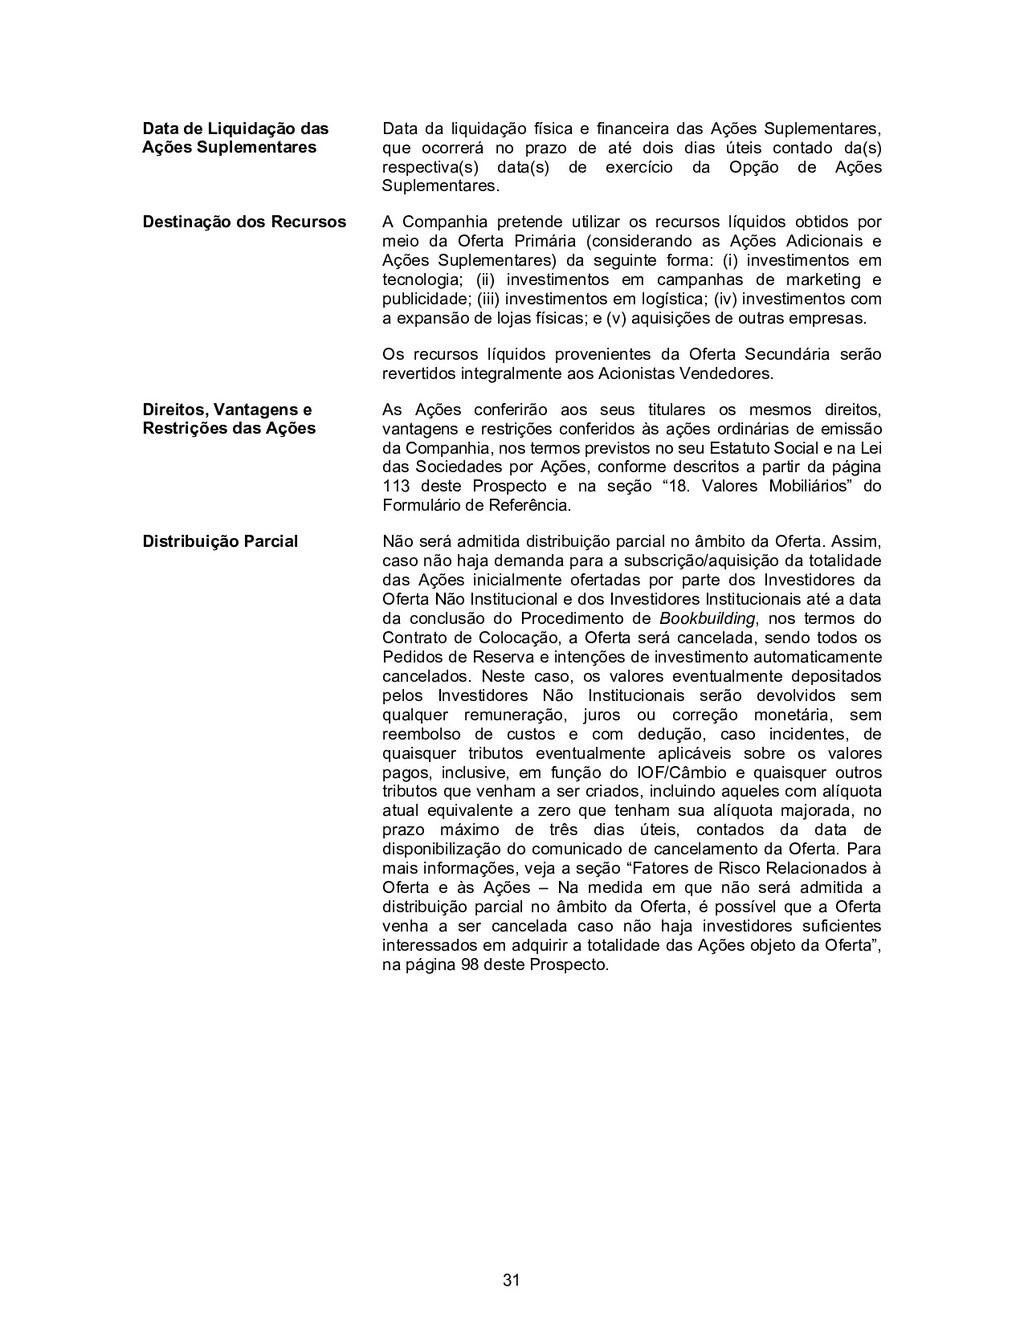 31 Data de Liquidação das Ações Suplementares D...